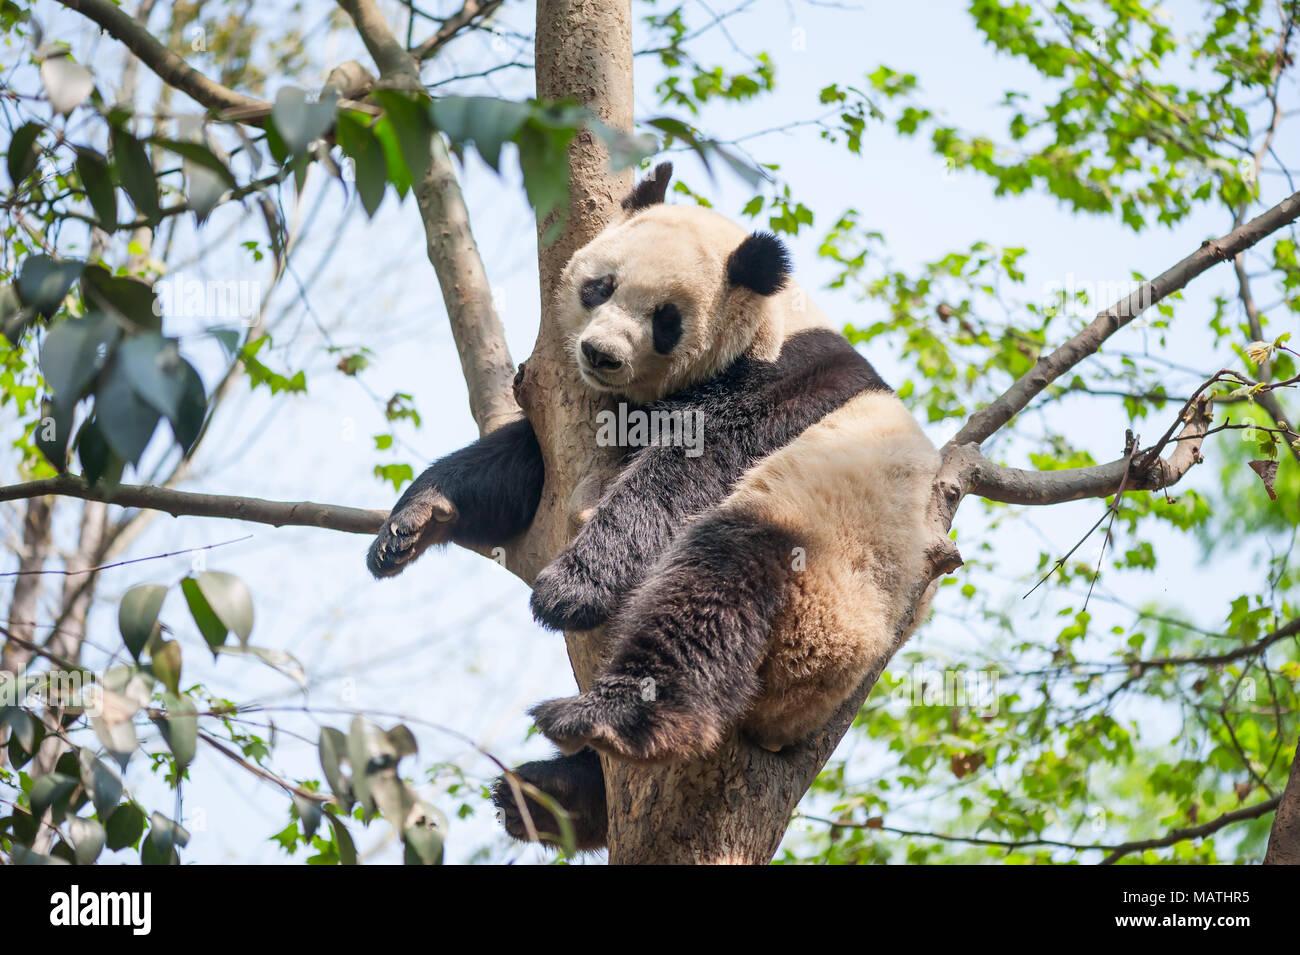 Panda géant dormant dans un arbre, Chengdu, Chine Photo Stock